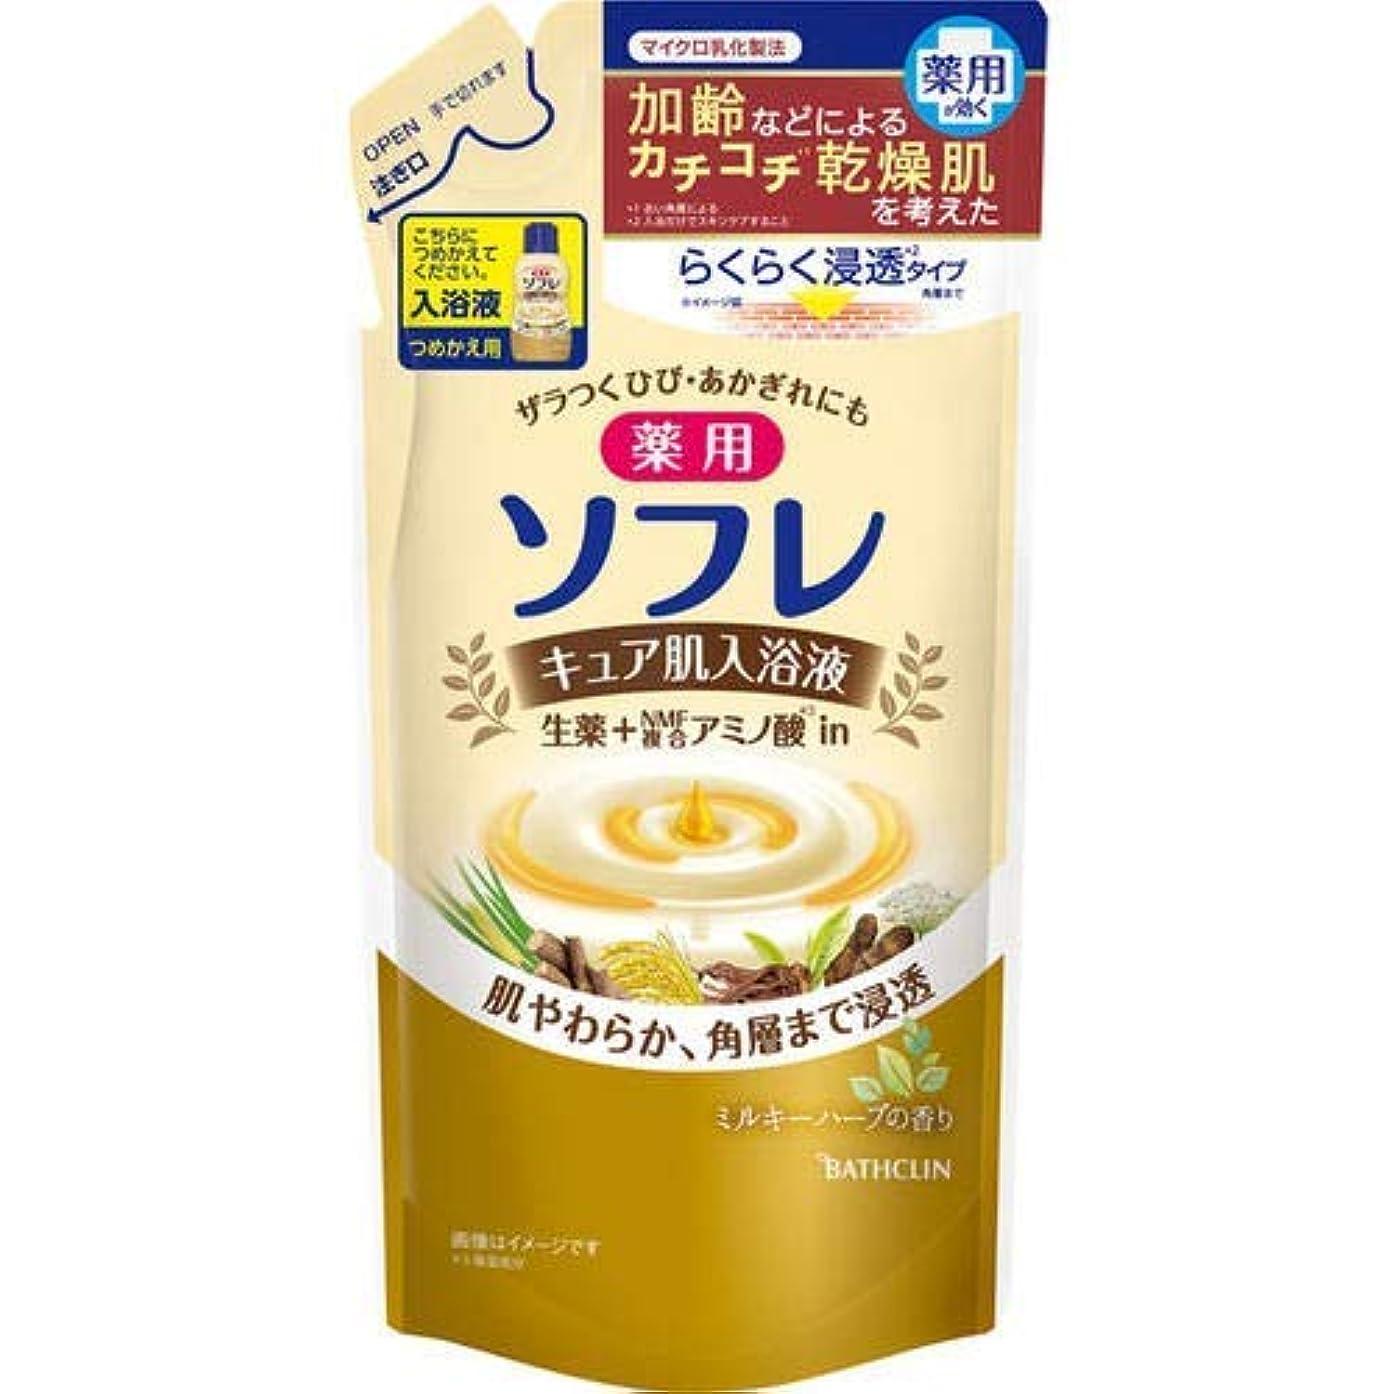 渇き配分過敏な薬用ソフレ キュア肌入浴液 ミルキーハーブの香り 400ml × 3個セット